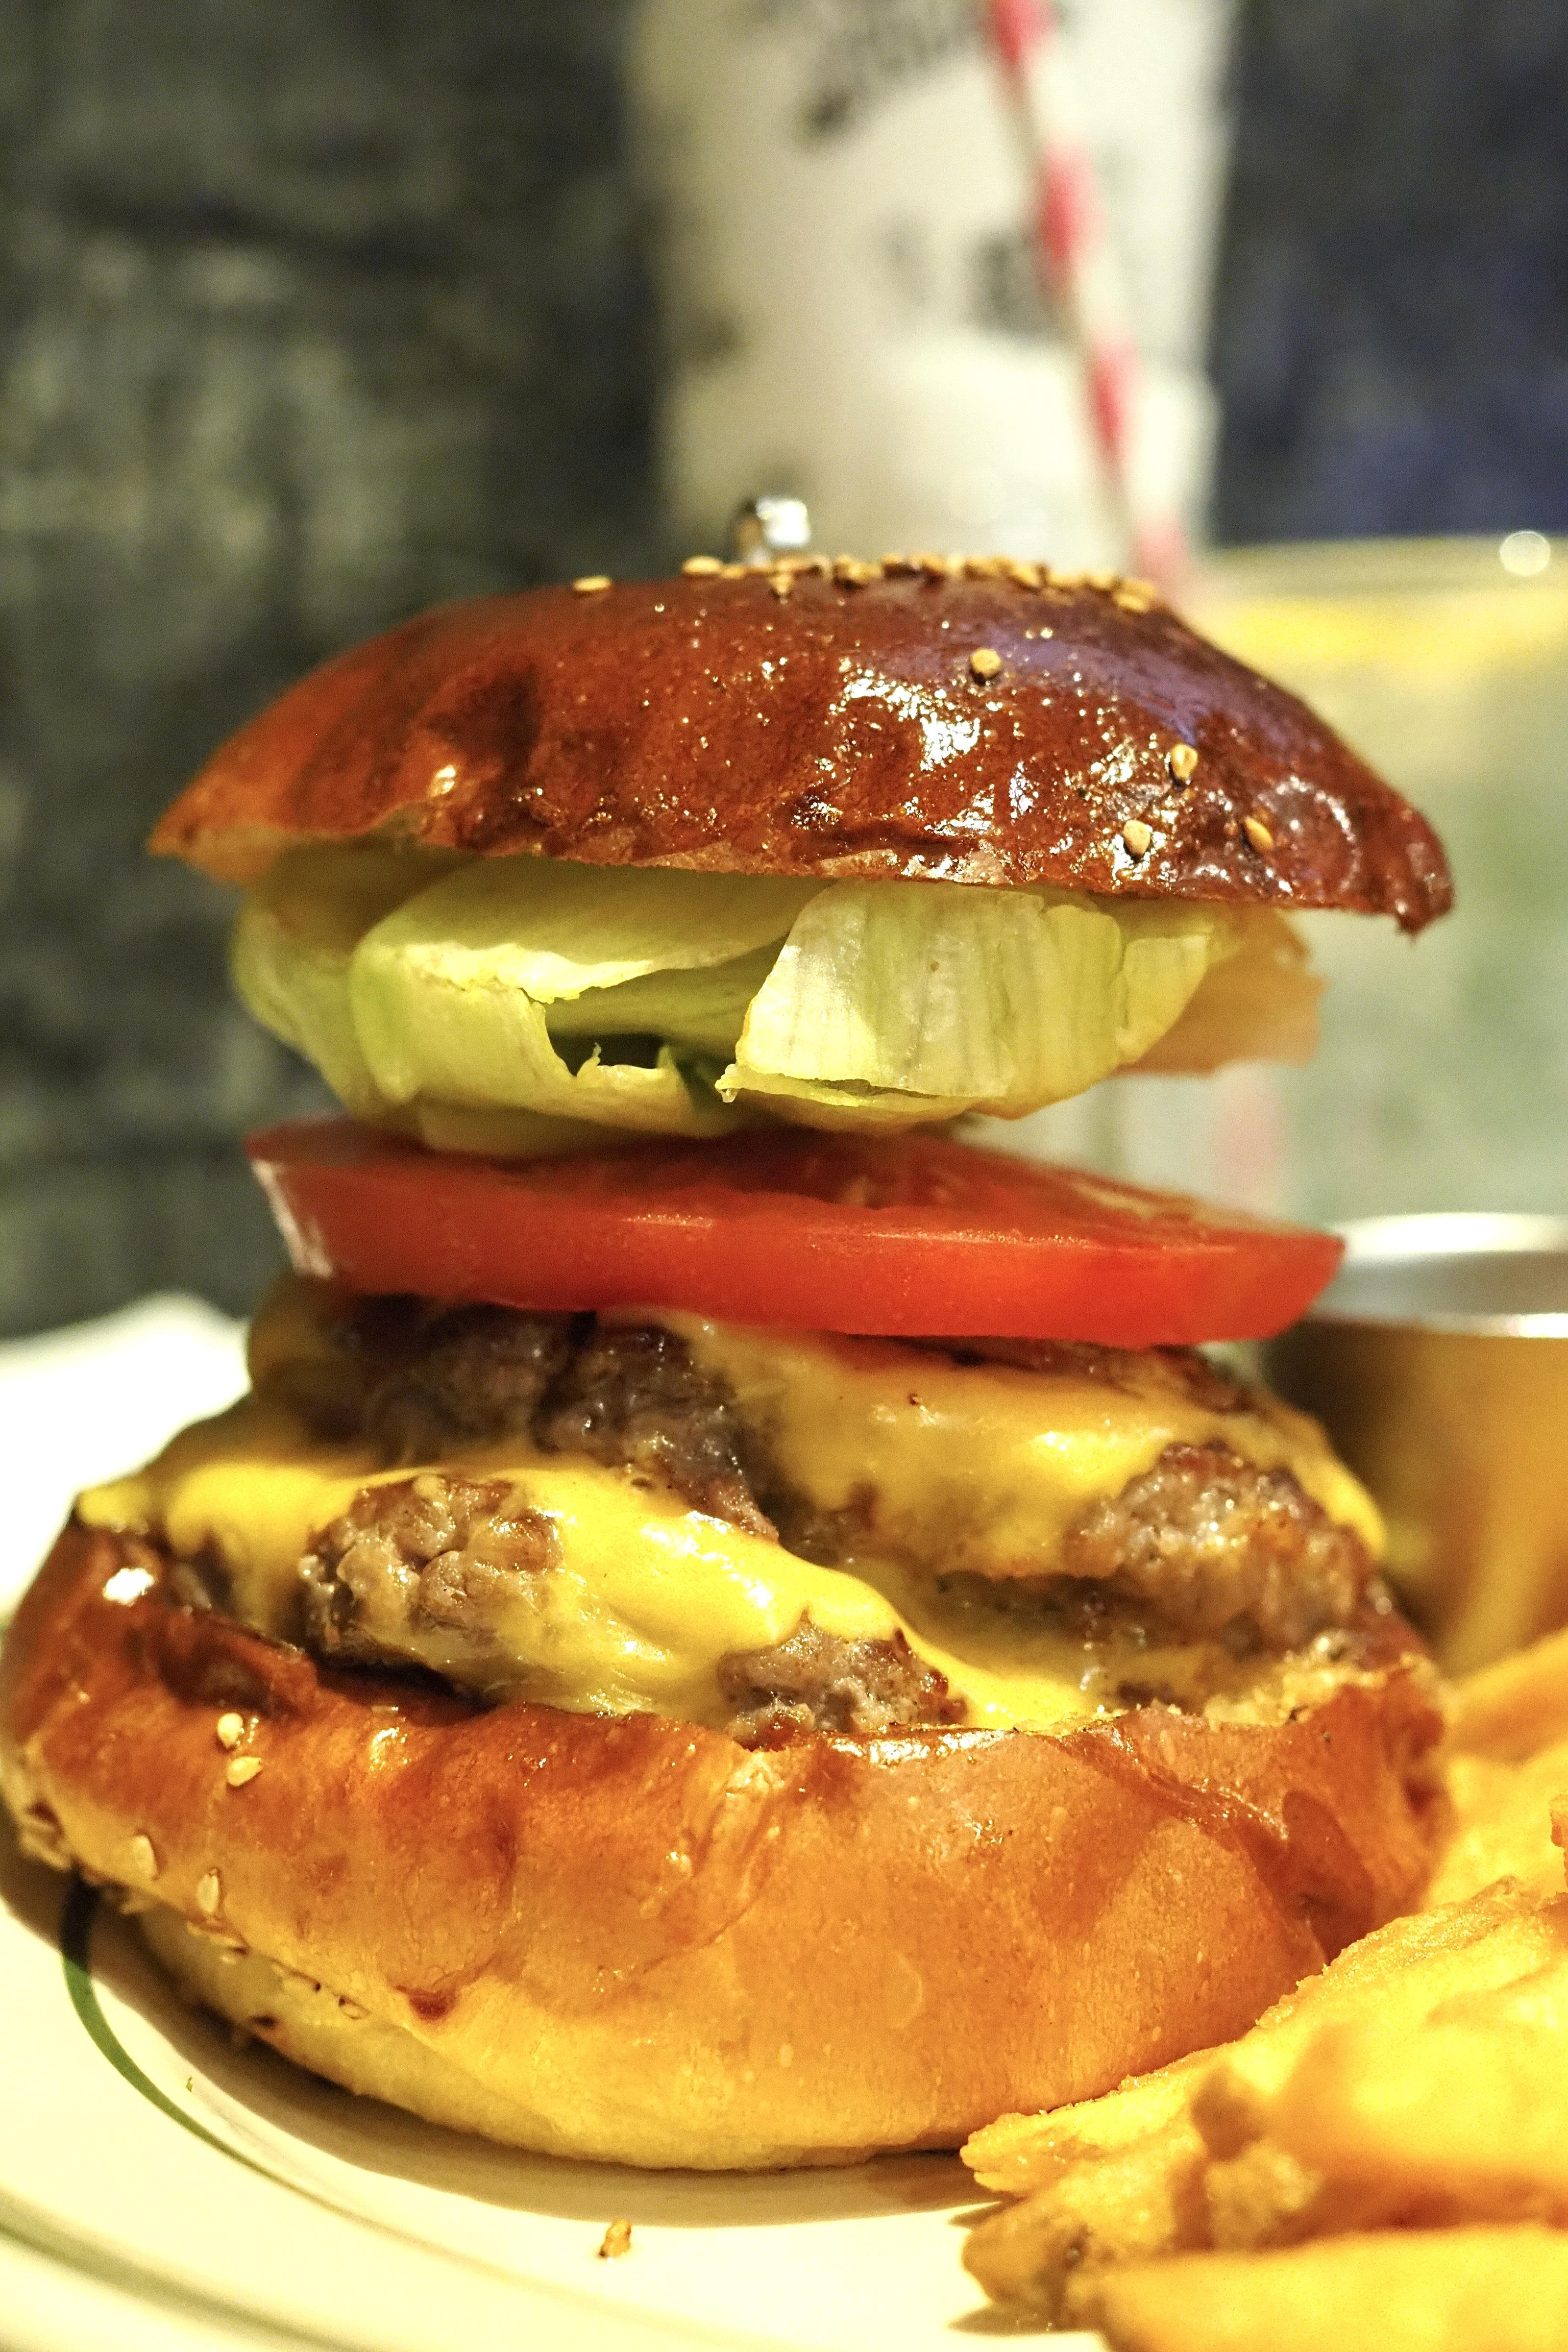 バーガーツーリング 大阪 北区 リッチガーデン ダブルチーズバーガー ハンバーガー